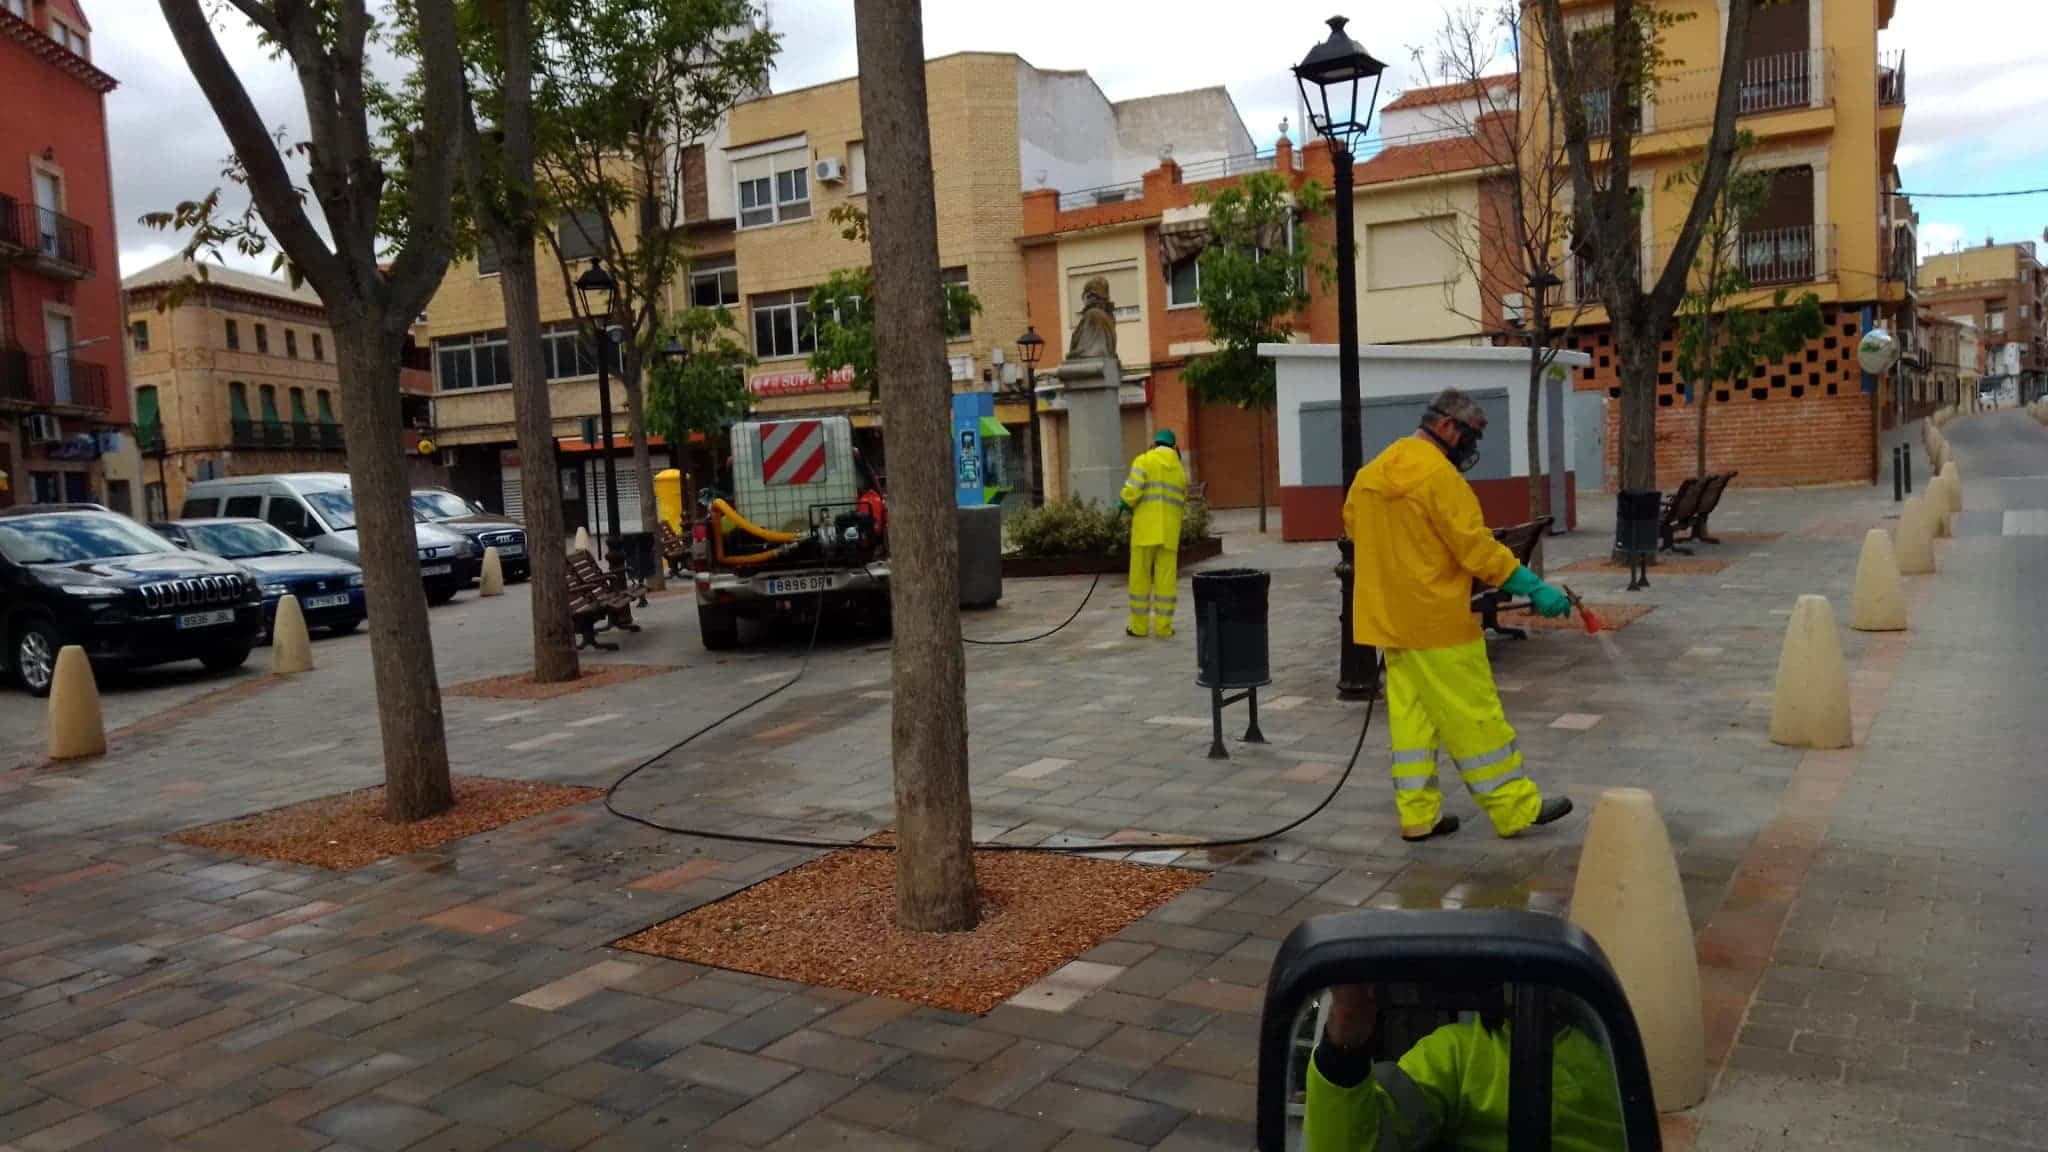 desinfeccion coronavirus herencia plaza cervantes - Continuan las labores de desinfección en la Plaza de España, Convento y Cervantes